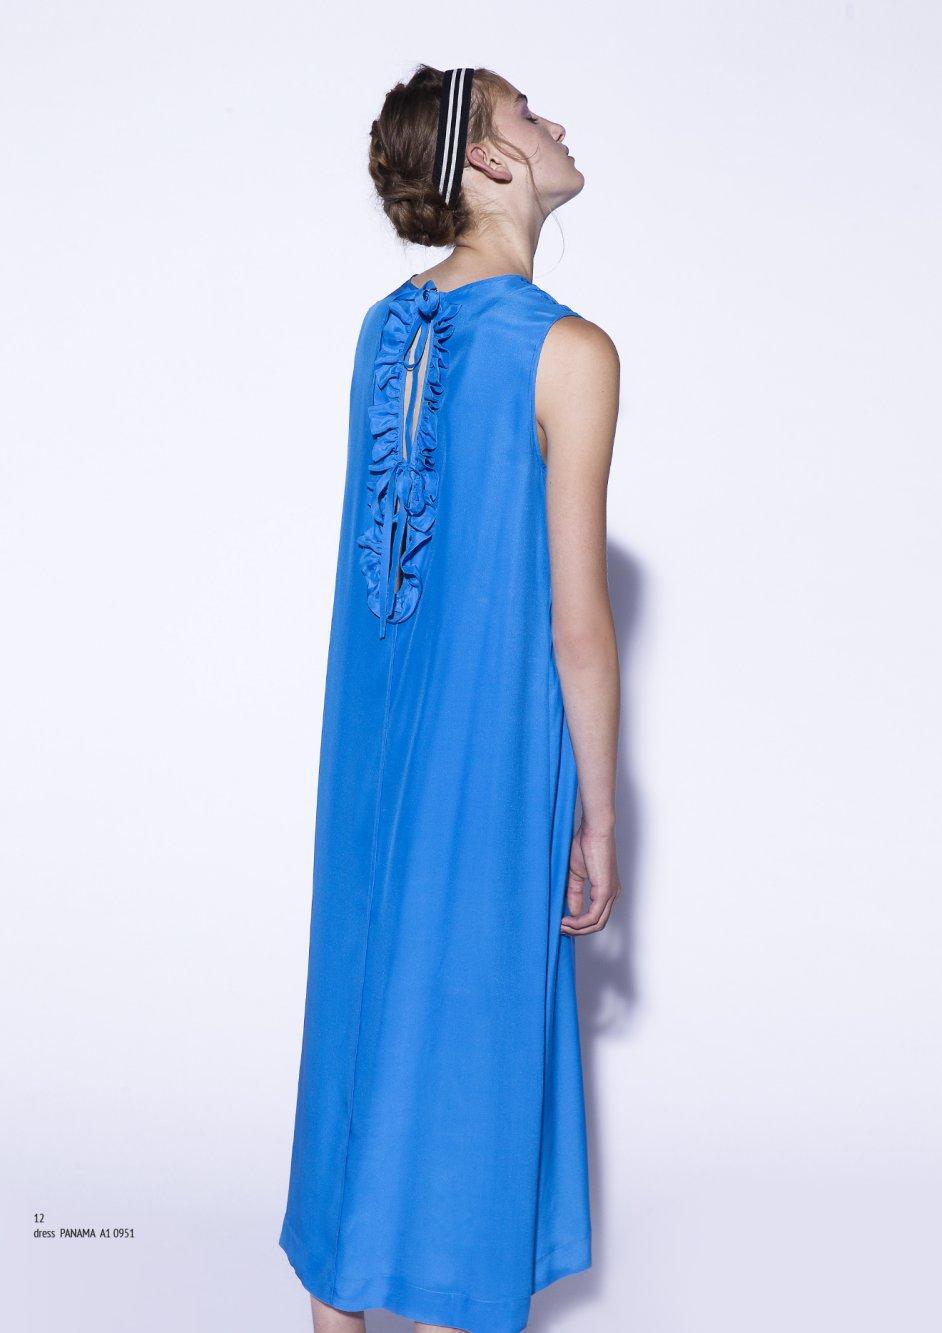 芸能人中村アンが#nakedEveで着用した衣装ワンピース